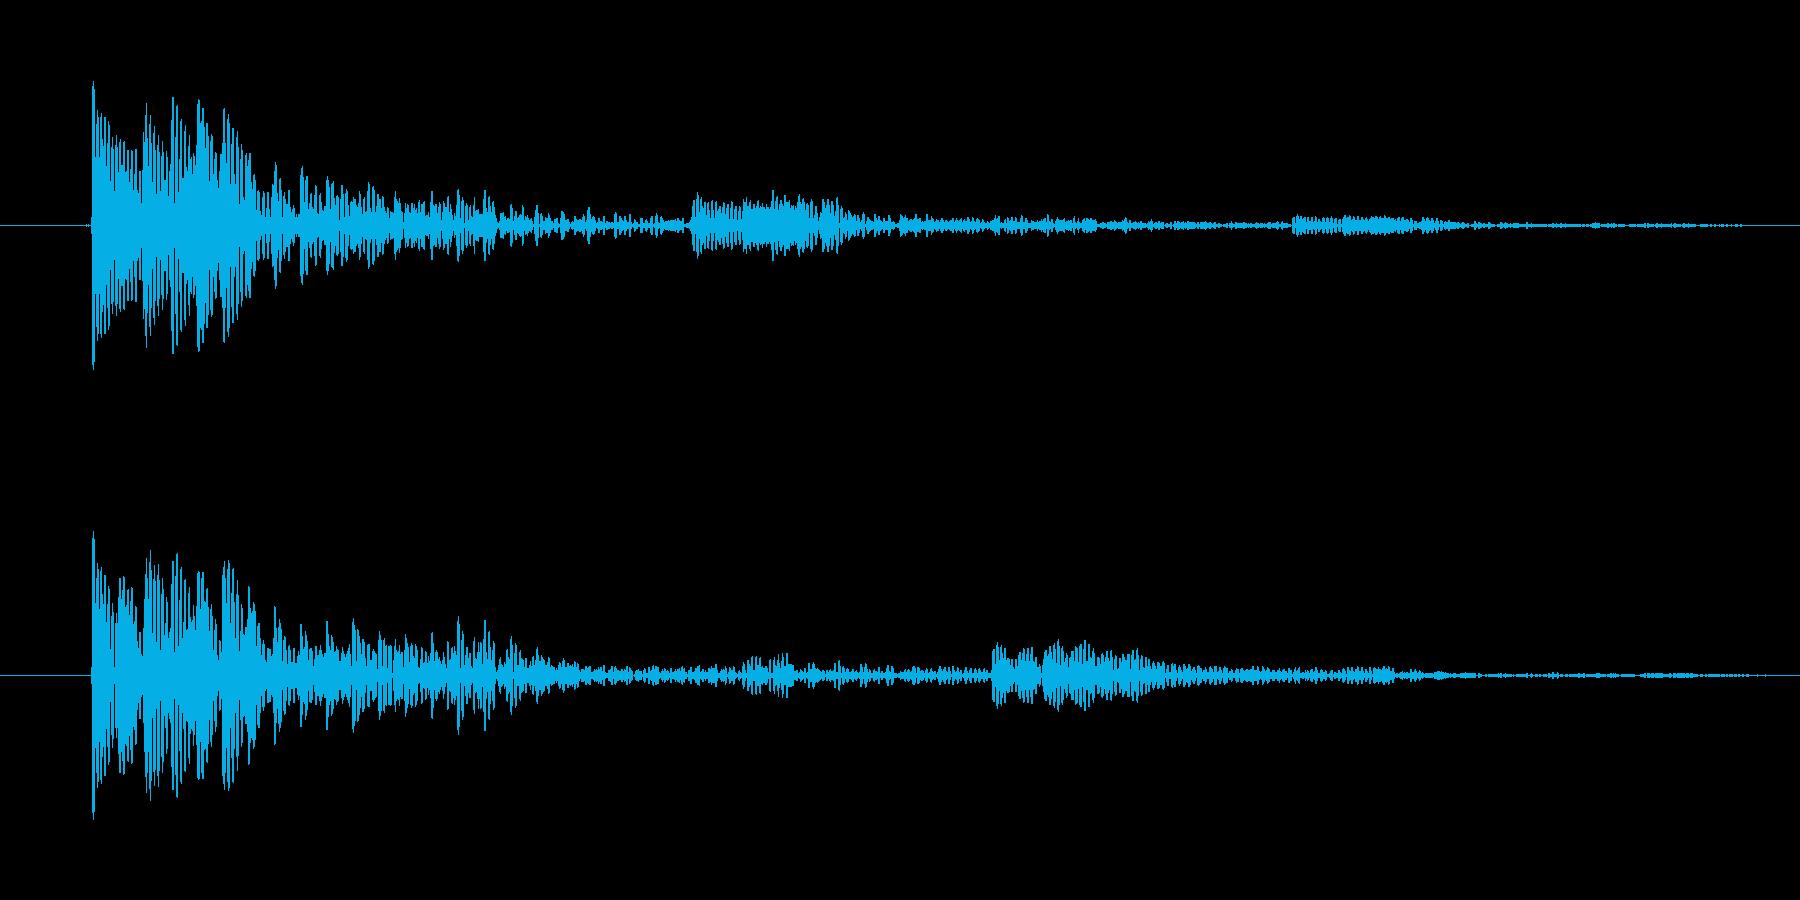 動作キャンセル向け電子音(ヒューン)の再生済みの波形